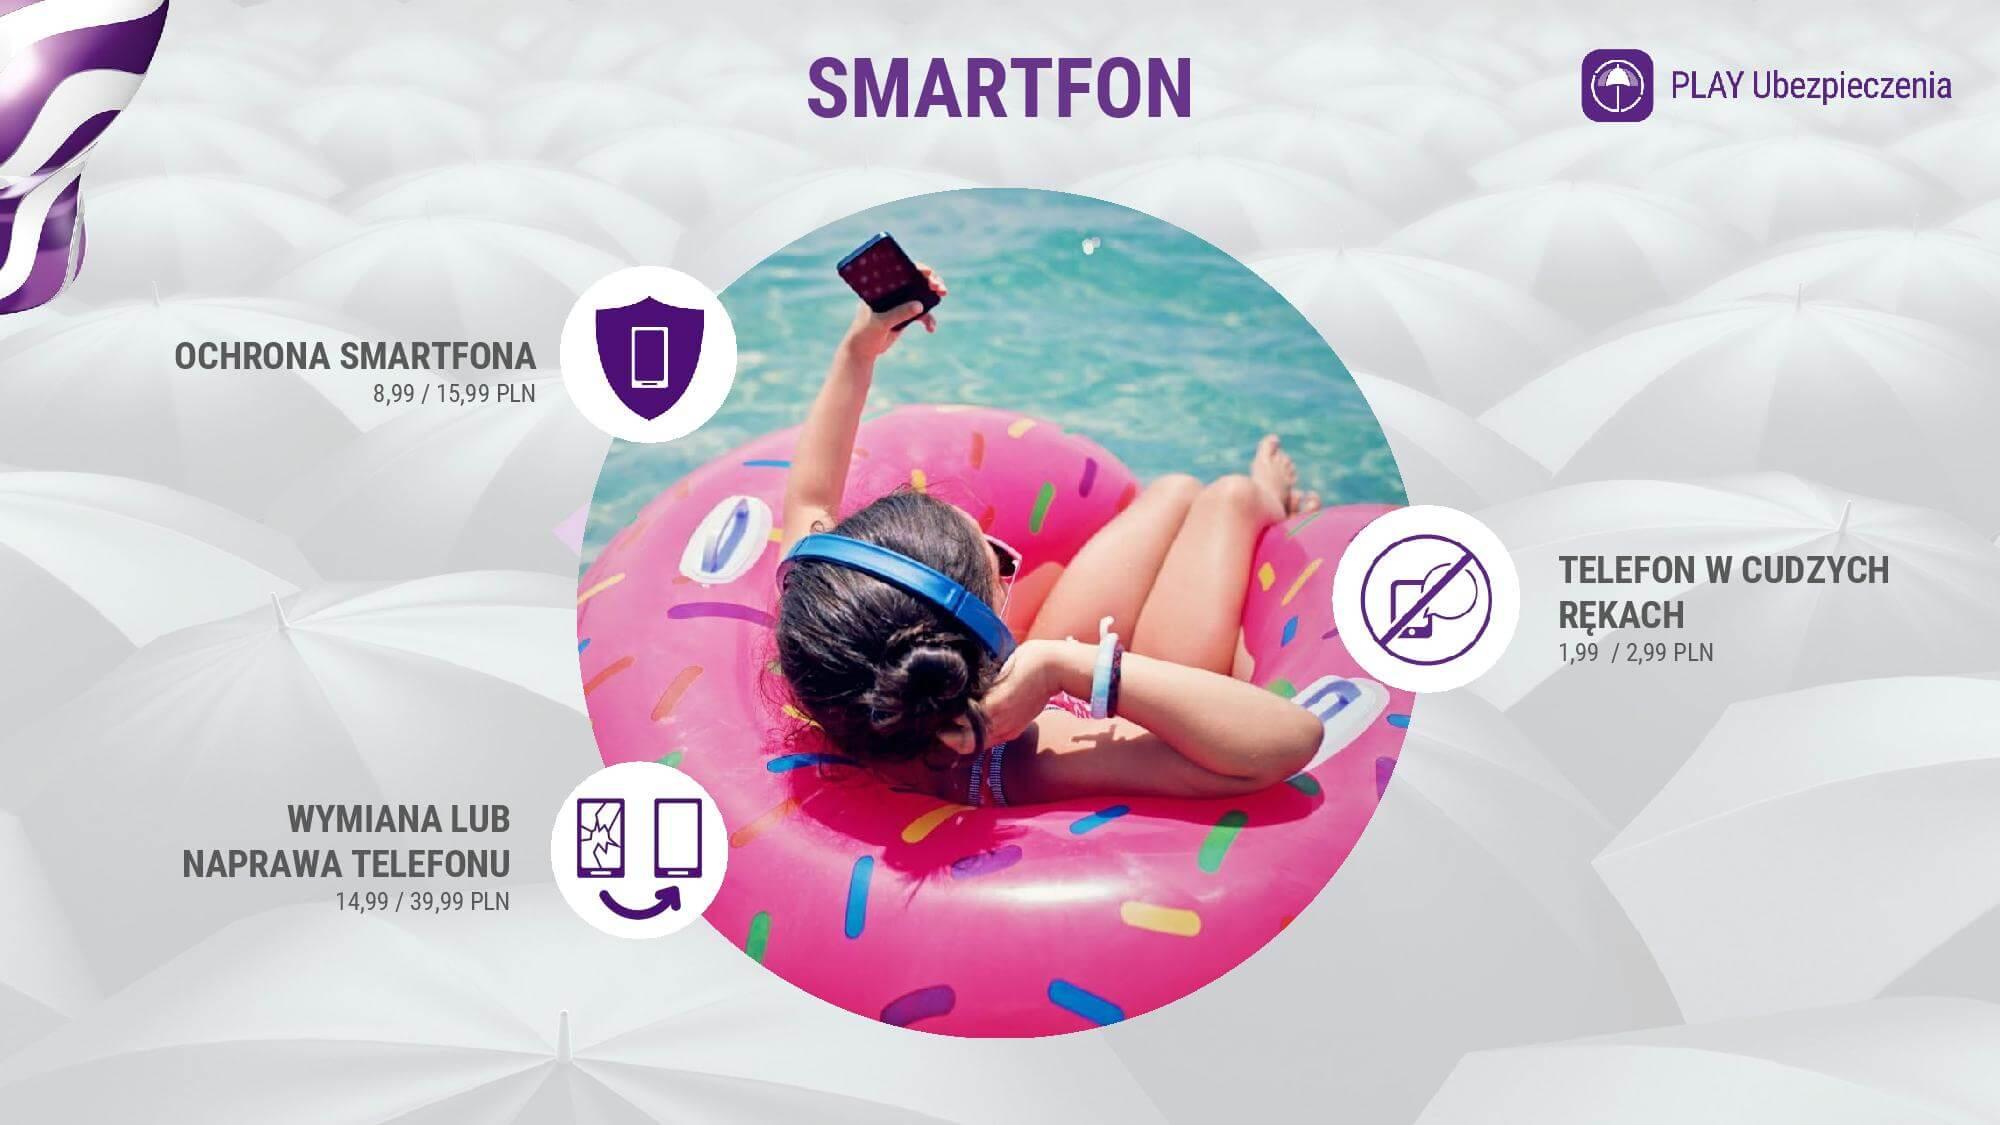 Play Ubezpieczenia smartfon